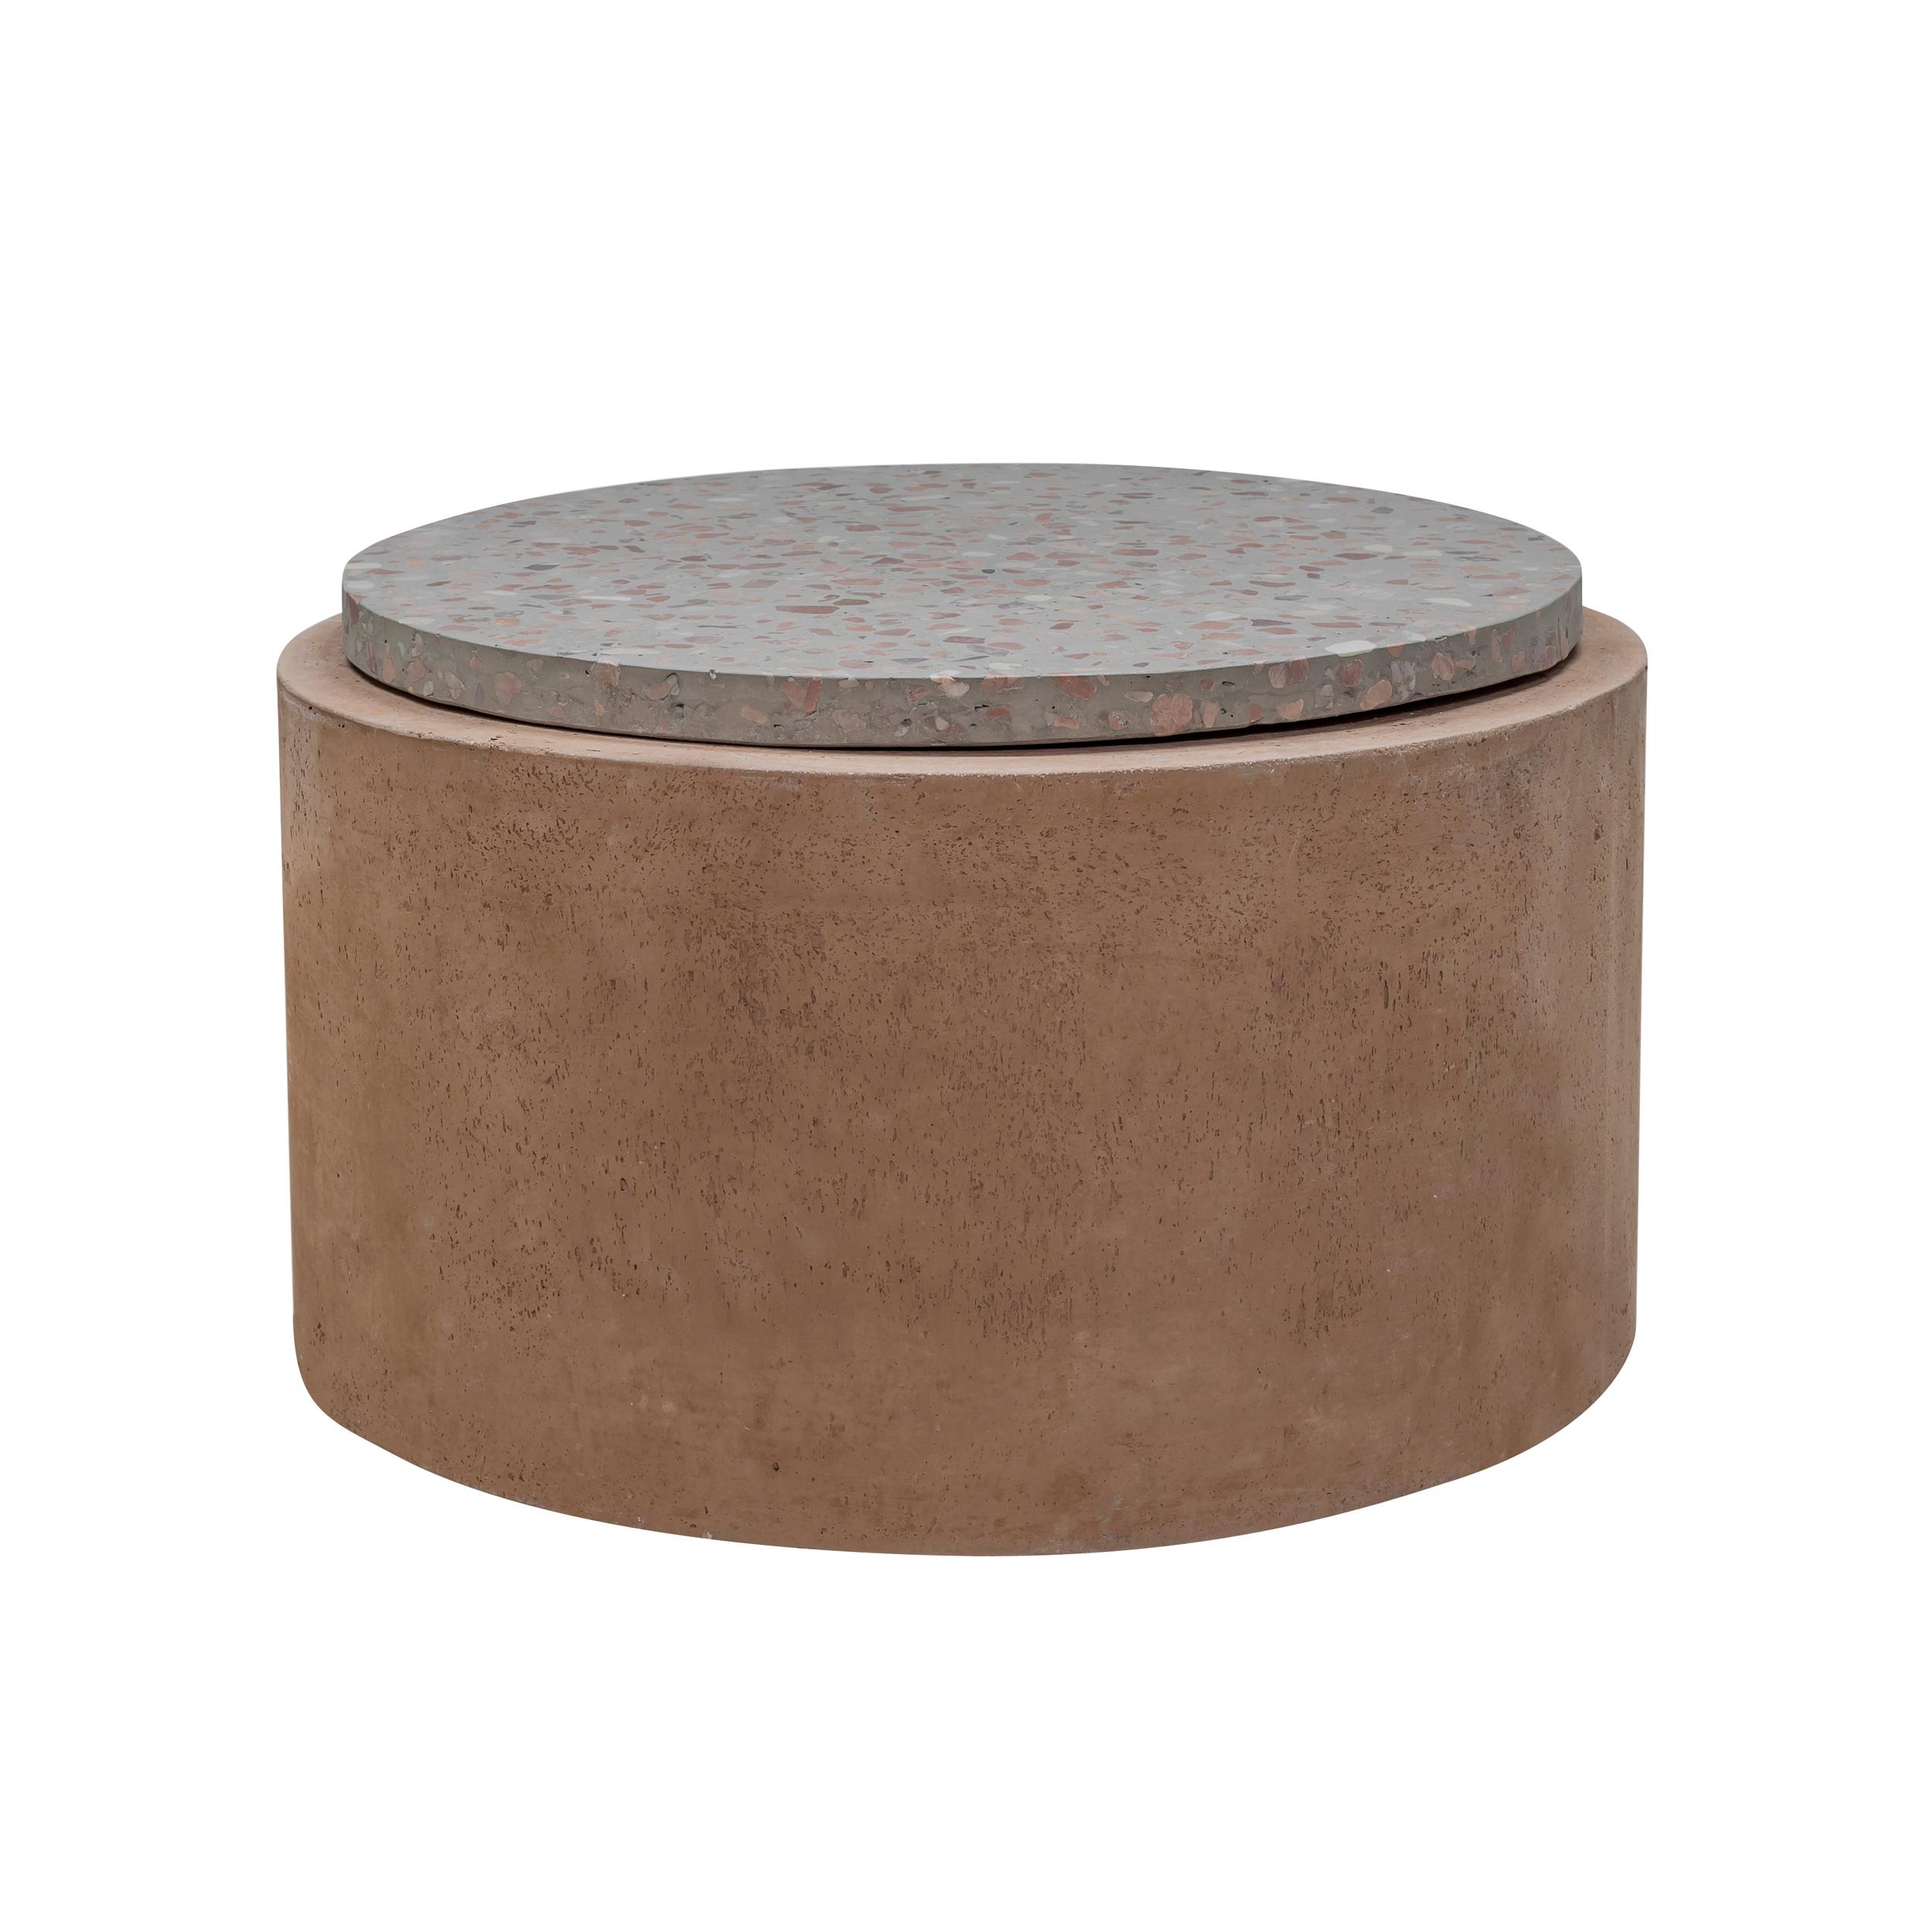 Table d'appoint ronde en terrazzo et béton 66 cm